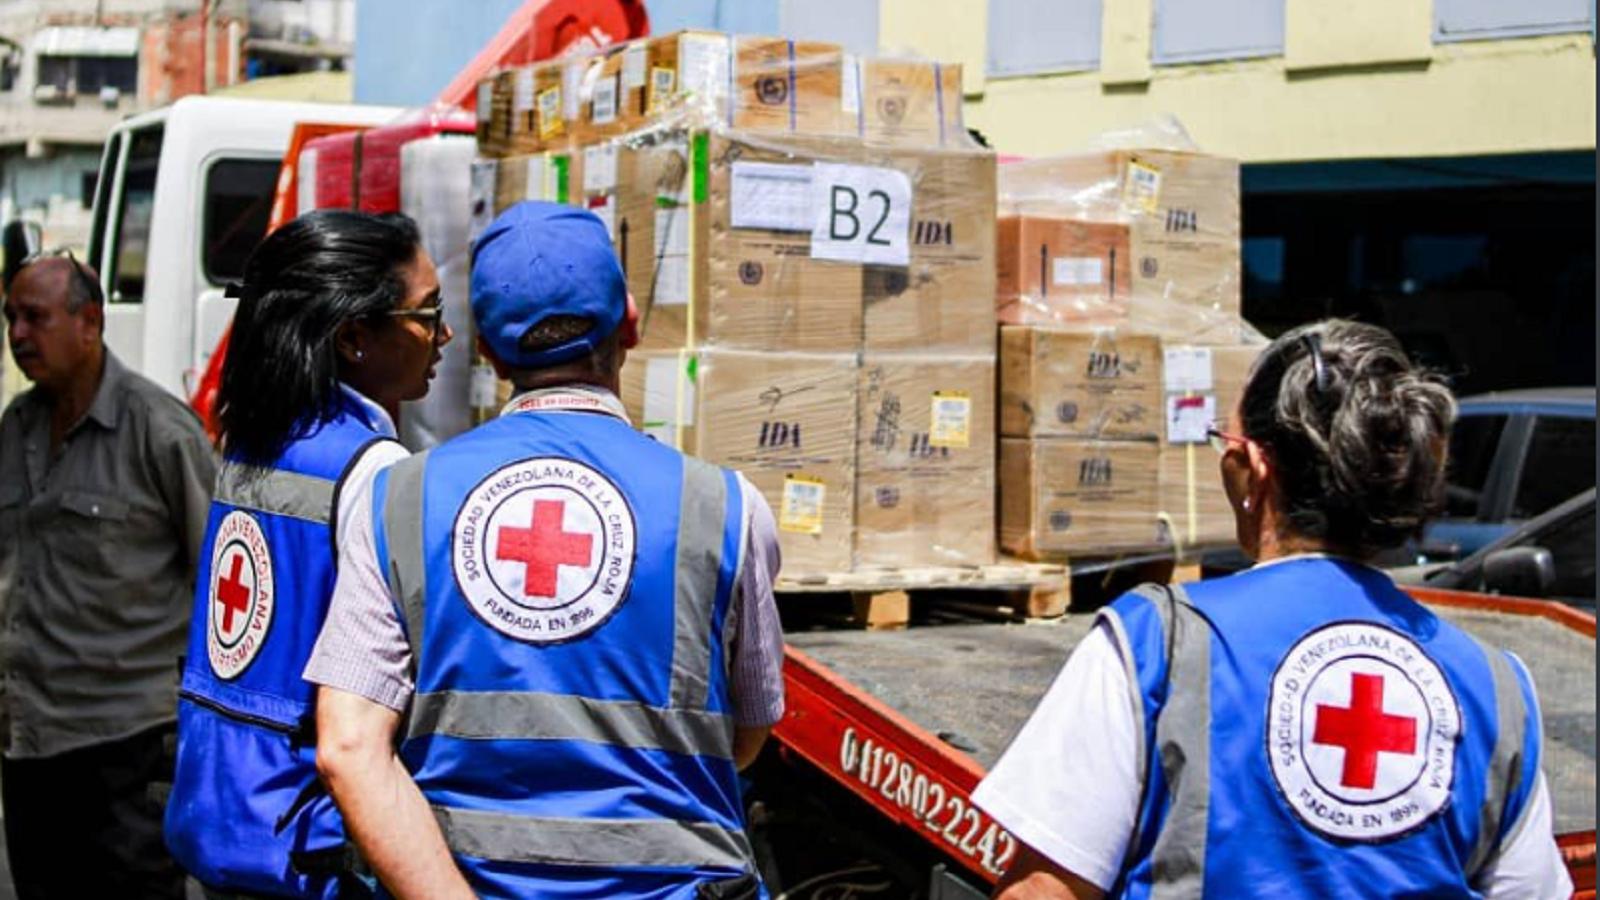 Llega a Venezuela segundo cargamento de ayuda humanitaria de la Cruz Roja